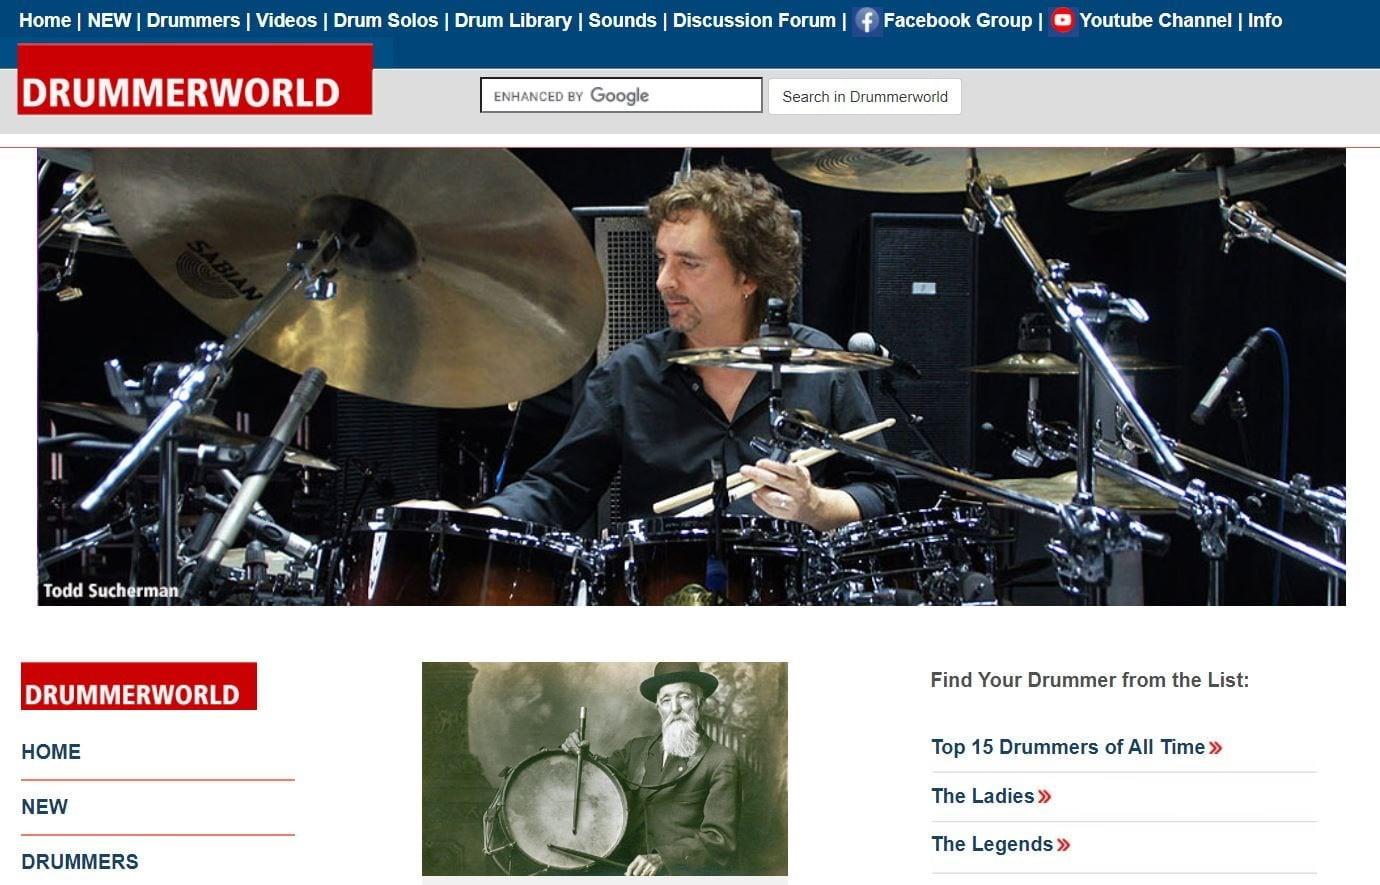 Drummer World